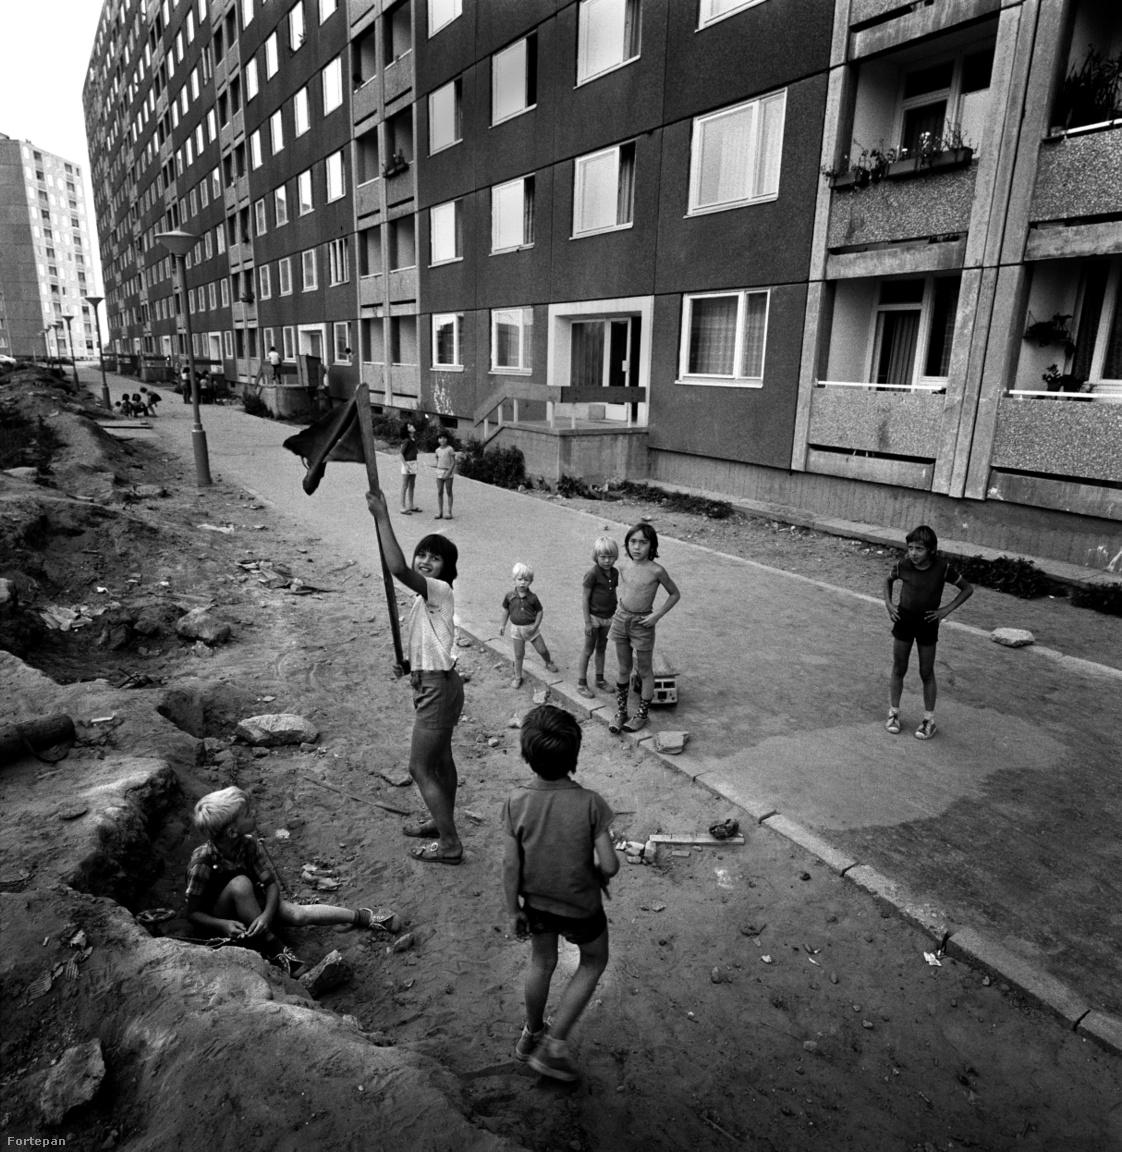 Ahogy ezen a képen látható, a kezdeti időszakban nem igazán volt rend a lakótelepen, a félig már lakott, félig még épülő városrészben elég rendezetlenek voltak a viszonyok az utcán. A járda mellett néhol halomban állt a sitt, a panelek helyén elbontott épületek törmeléke, a szemét. Éppen ezért kezdetben nem volt a leghívogatóbb hely, így sok családnak az első látogatáskor nagyon győzködnie kellett magát, hogy jó lesz nekik Újpalotán.